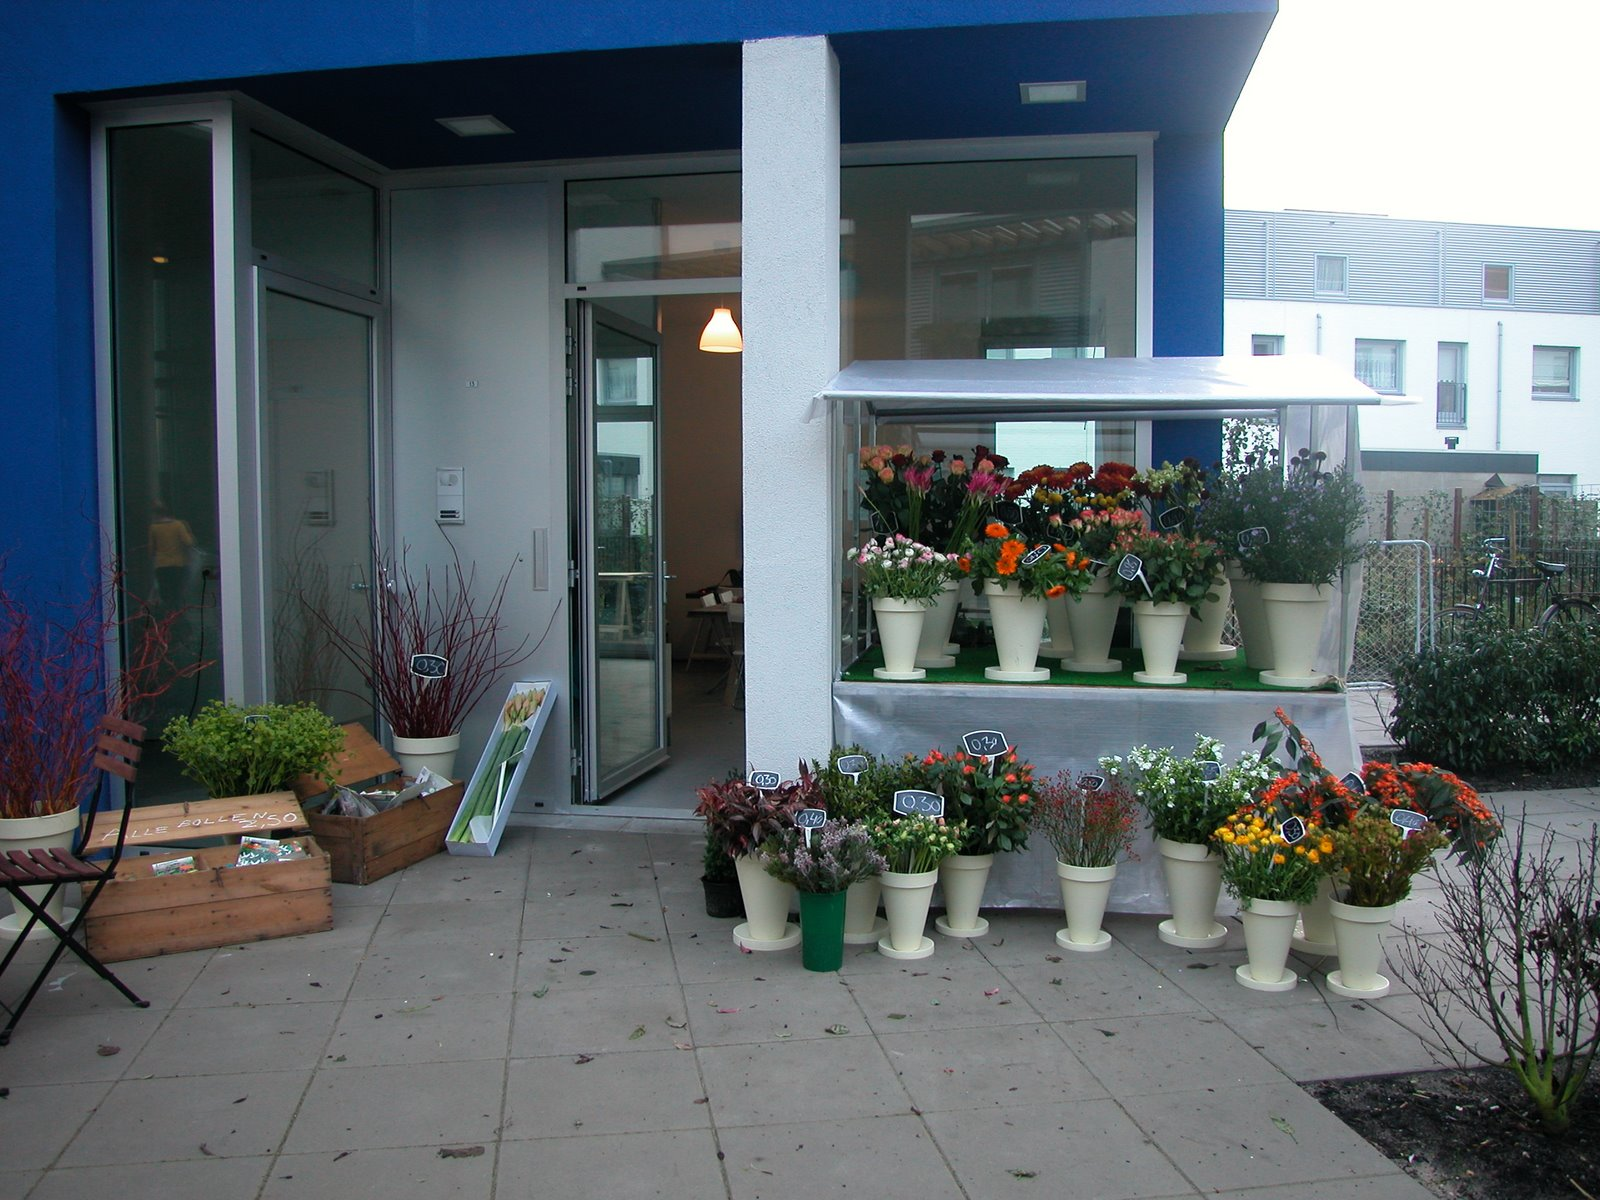 bloemen-voor-ijburg-parade-der-stedelijkheid-jeanne-van-heeswijk